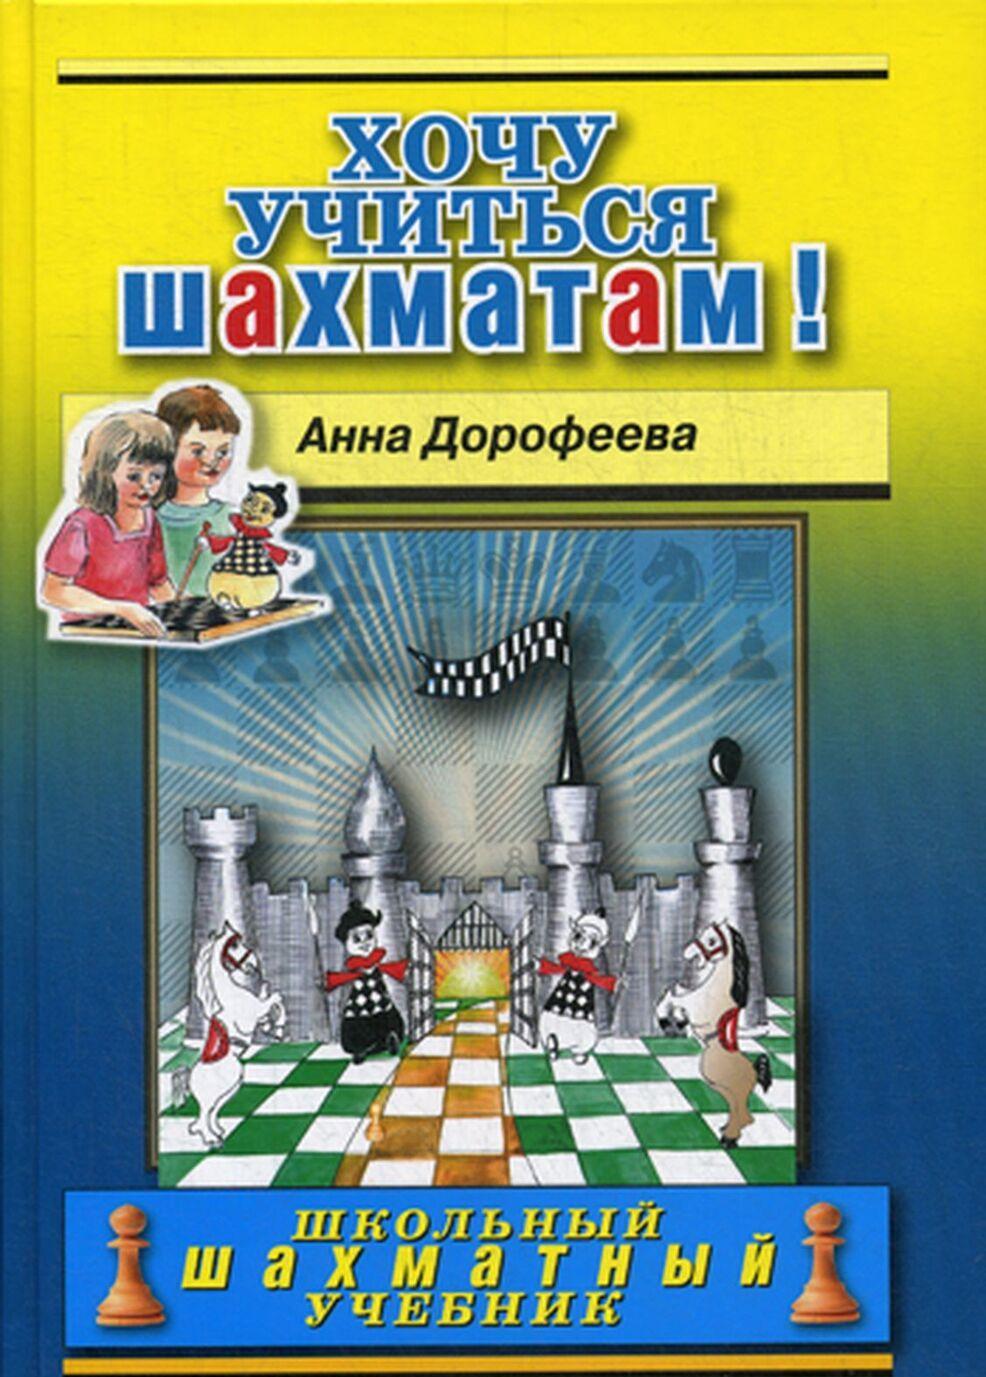 Könyv Хочу учиться шахматам! А.Г. Дорофеева